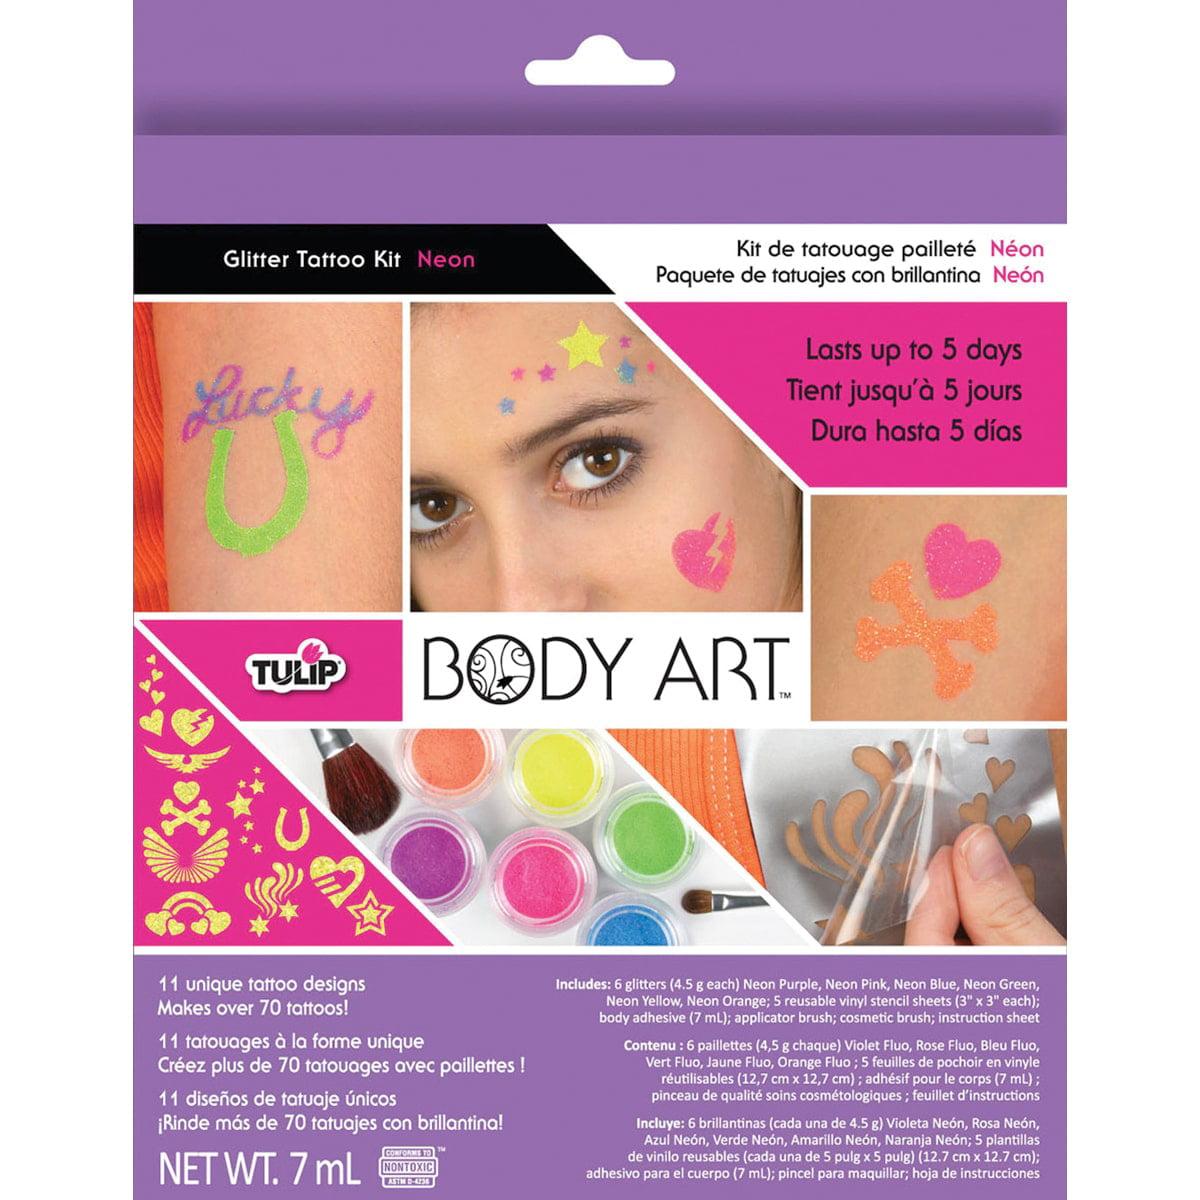 Tulip Body Art Glitter Tattoo Kit, Neon